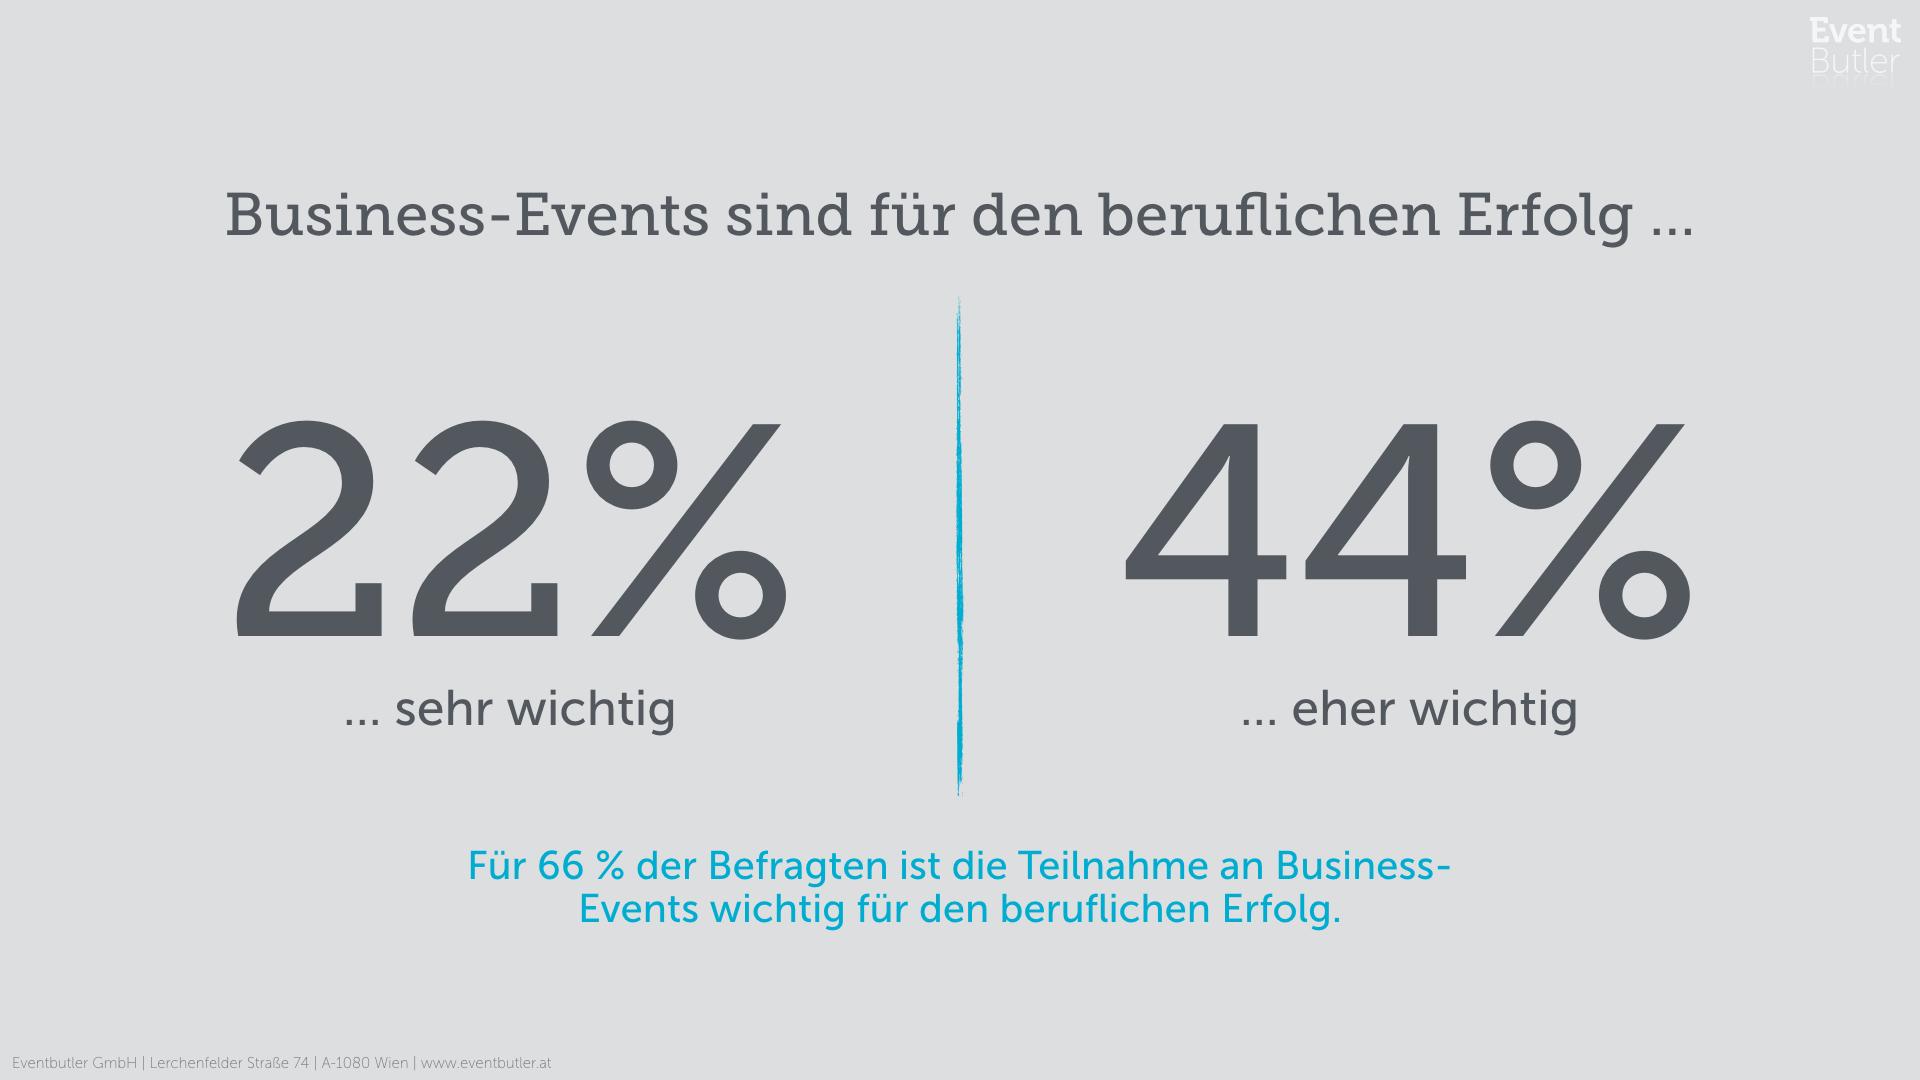 Business-Events als beruflicher Erfolgsfaktor